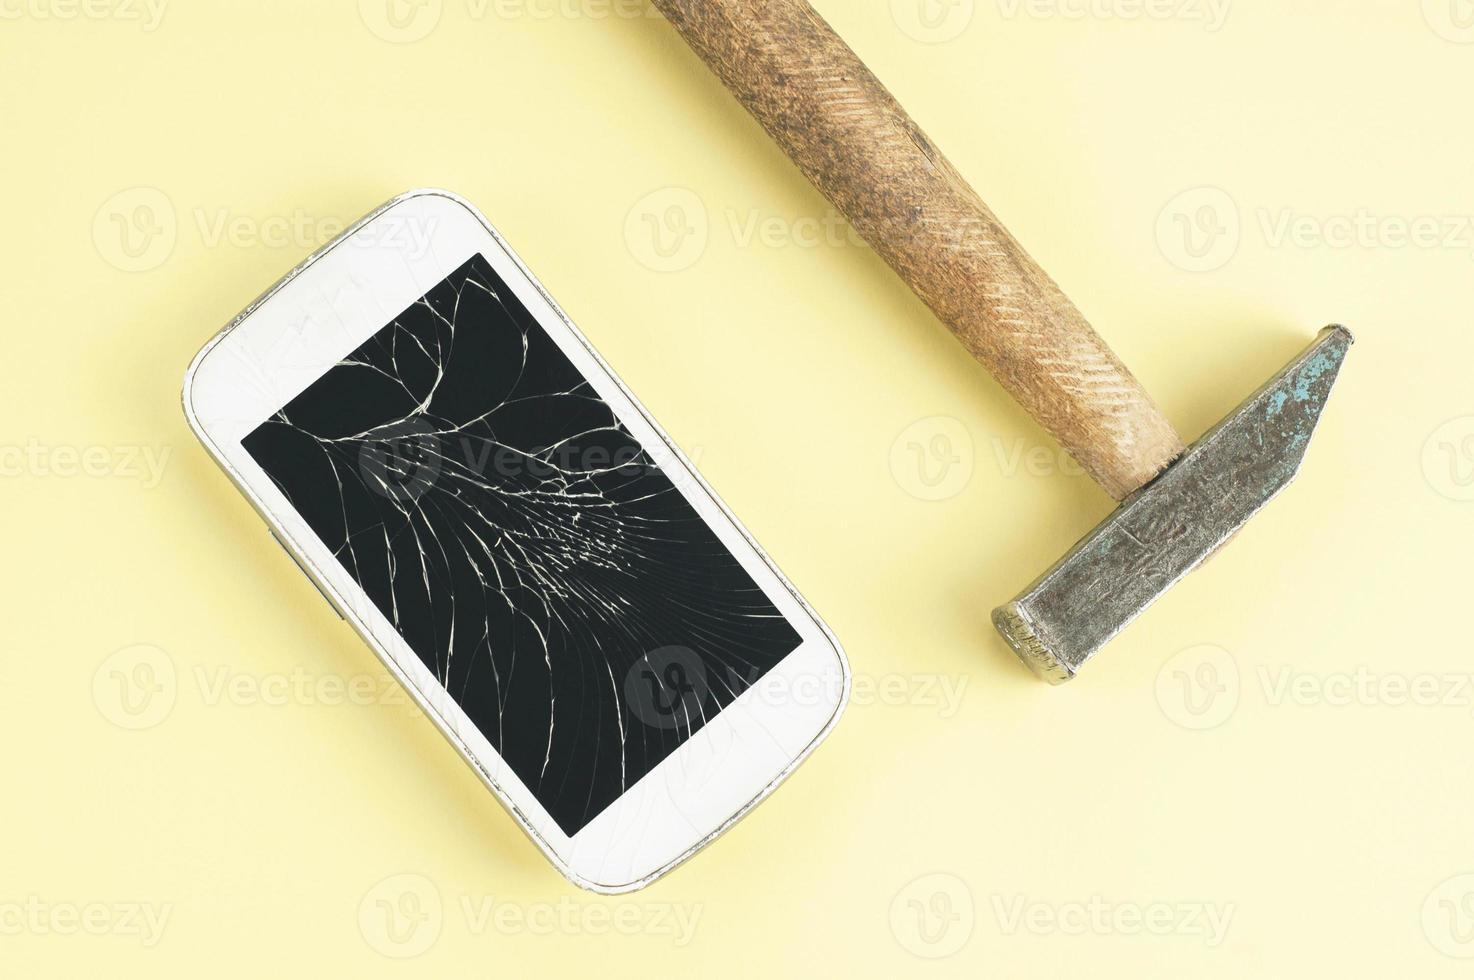 un téléphone portable avec écran fissuré et un marteau sur fond marron photo